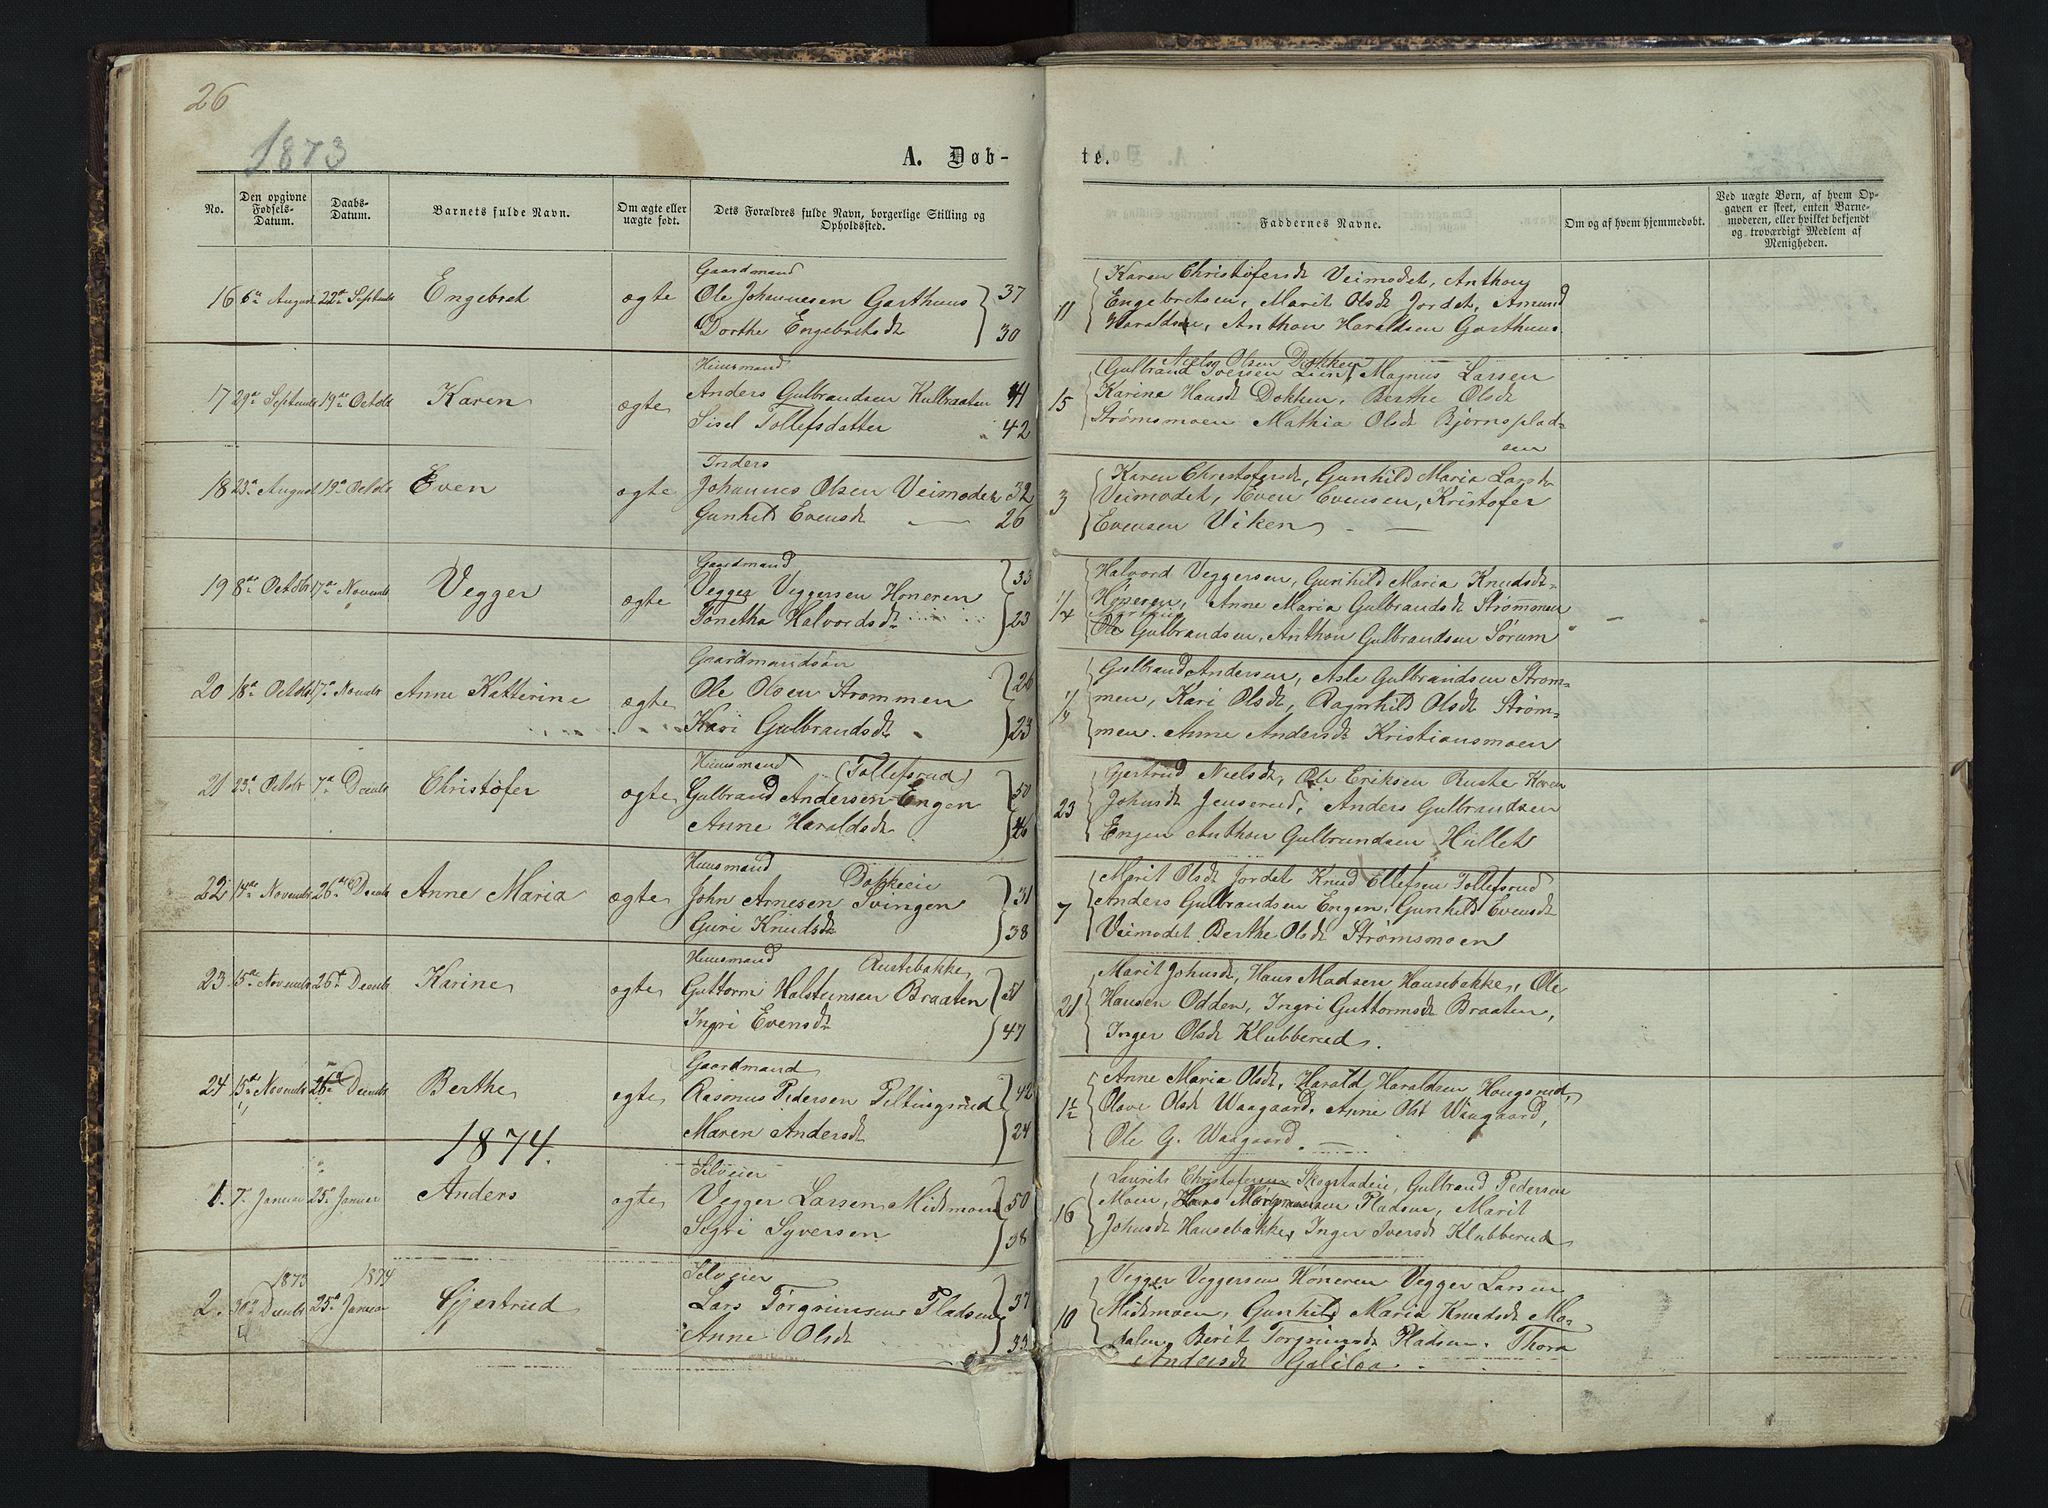 SAH, Sør-Aurdal prestekontor, Klokkerbok nr. 3, 1862-1893, s. 26